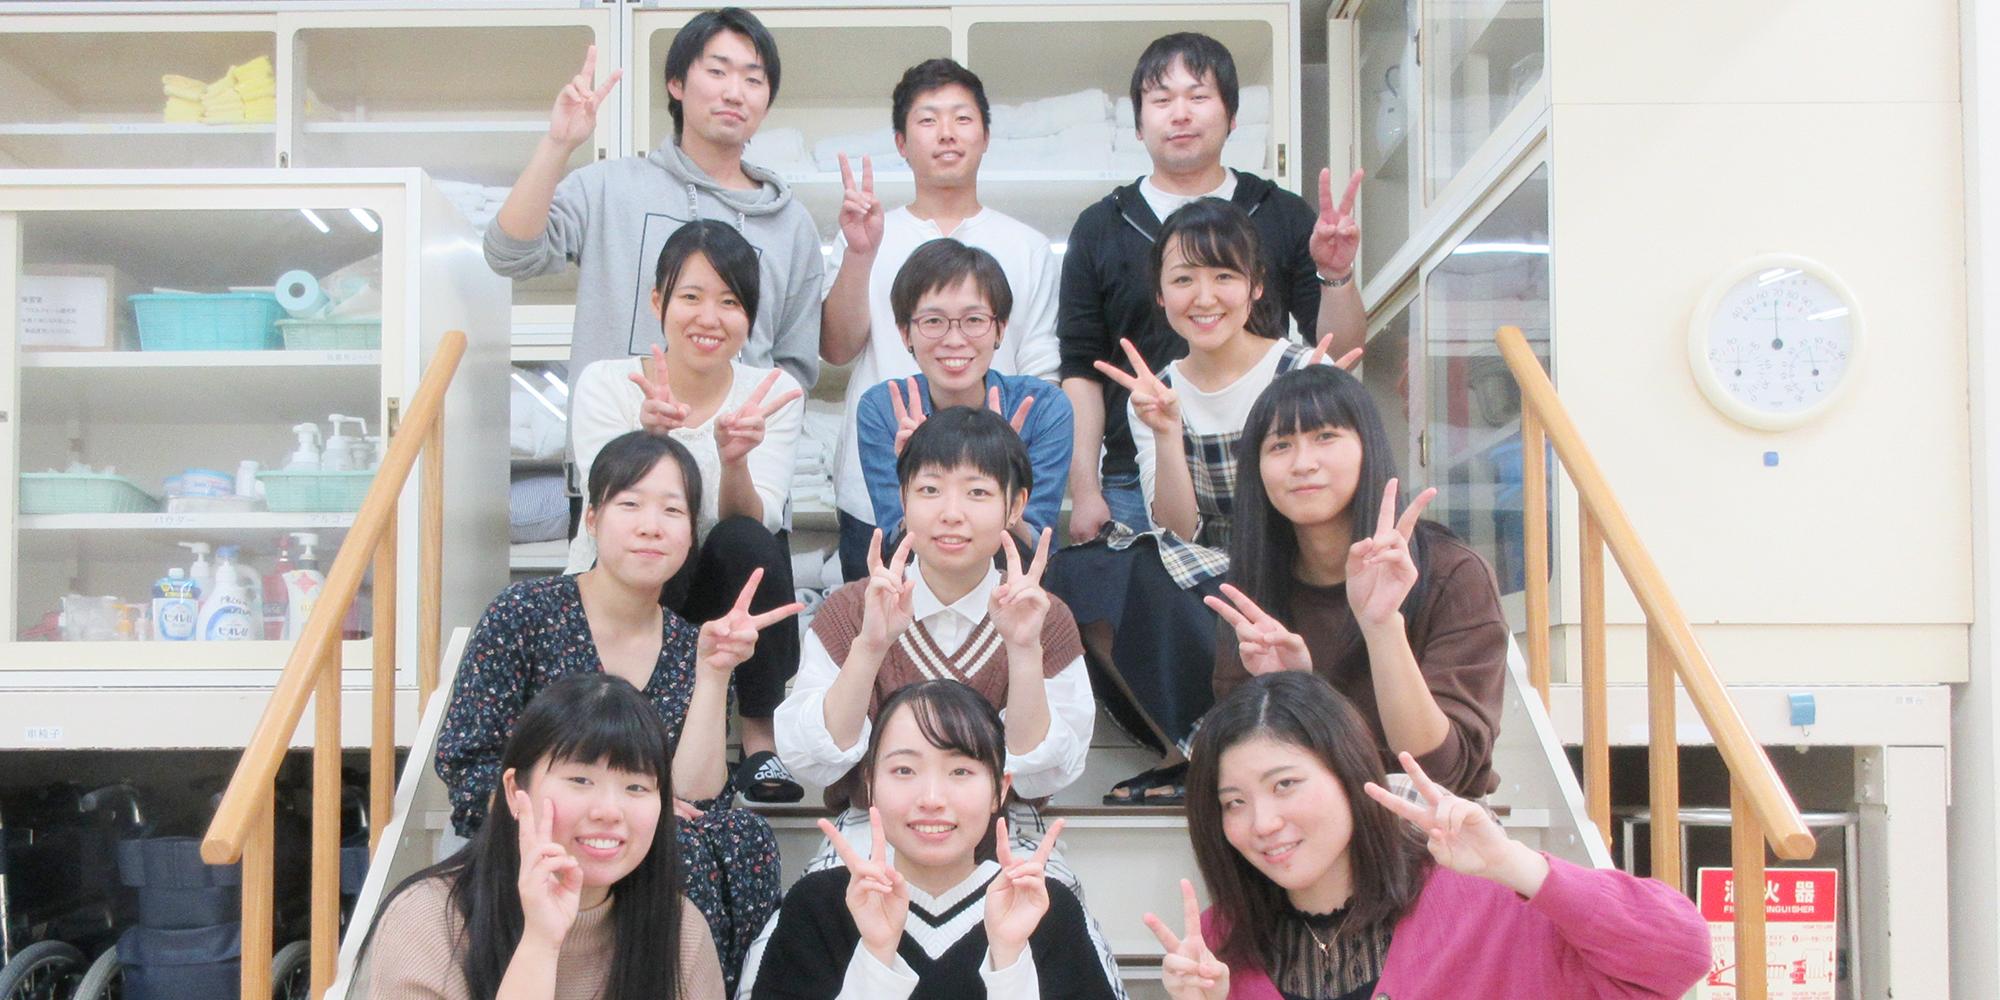 三友堂看護学校の学生